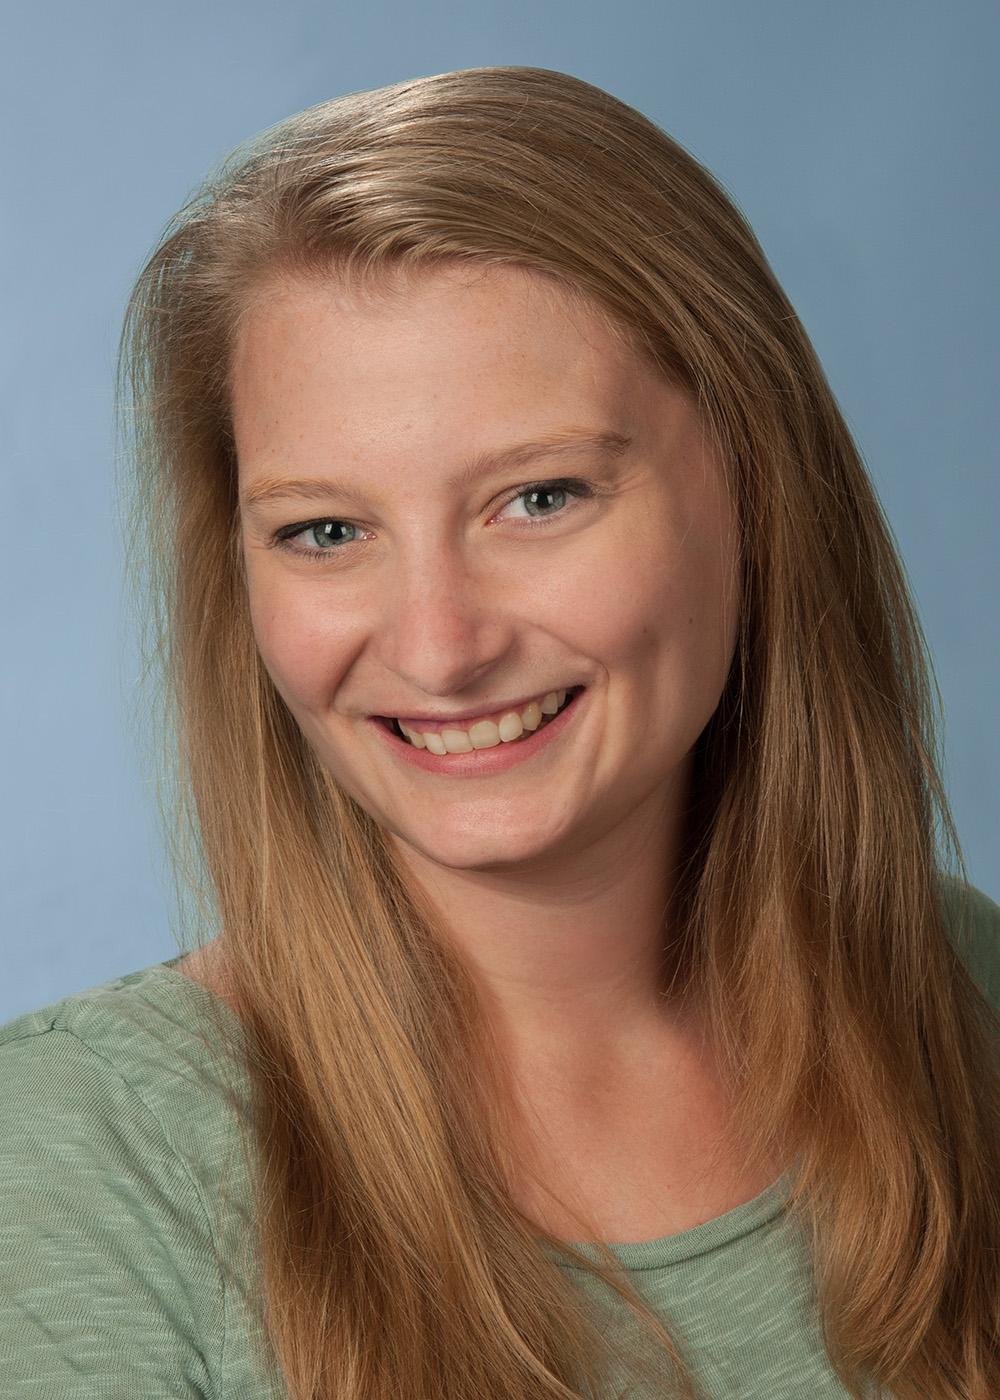 Debora Hoffmeyer